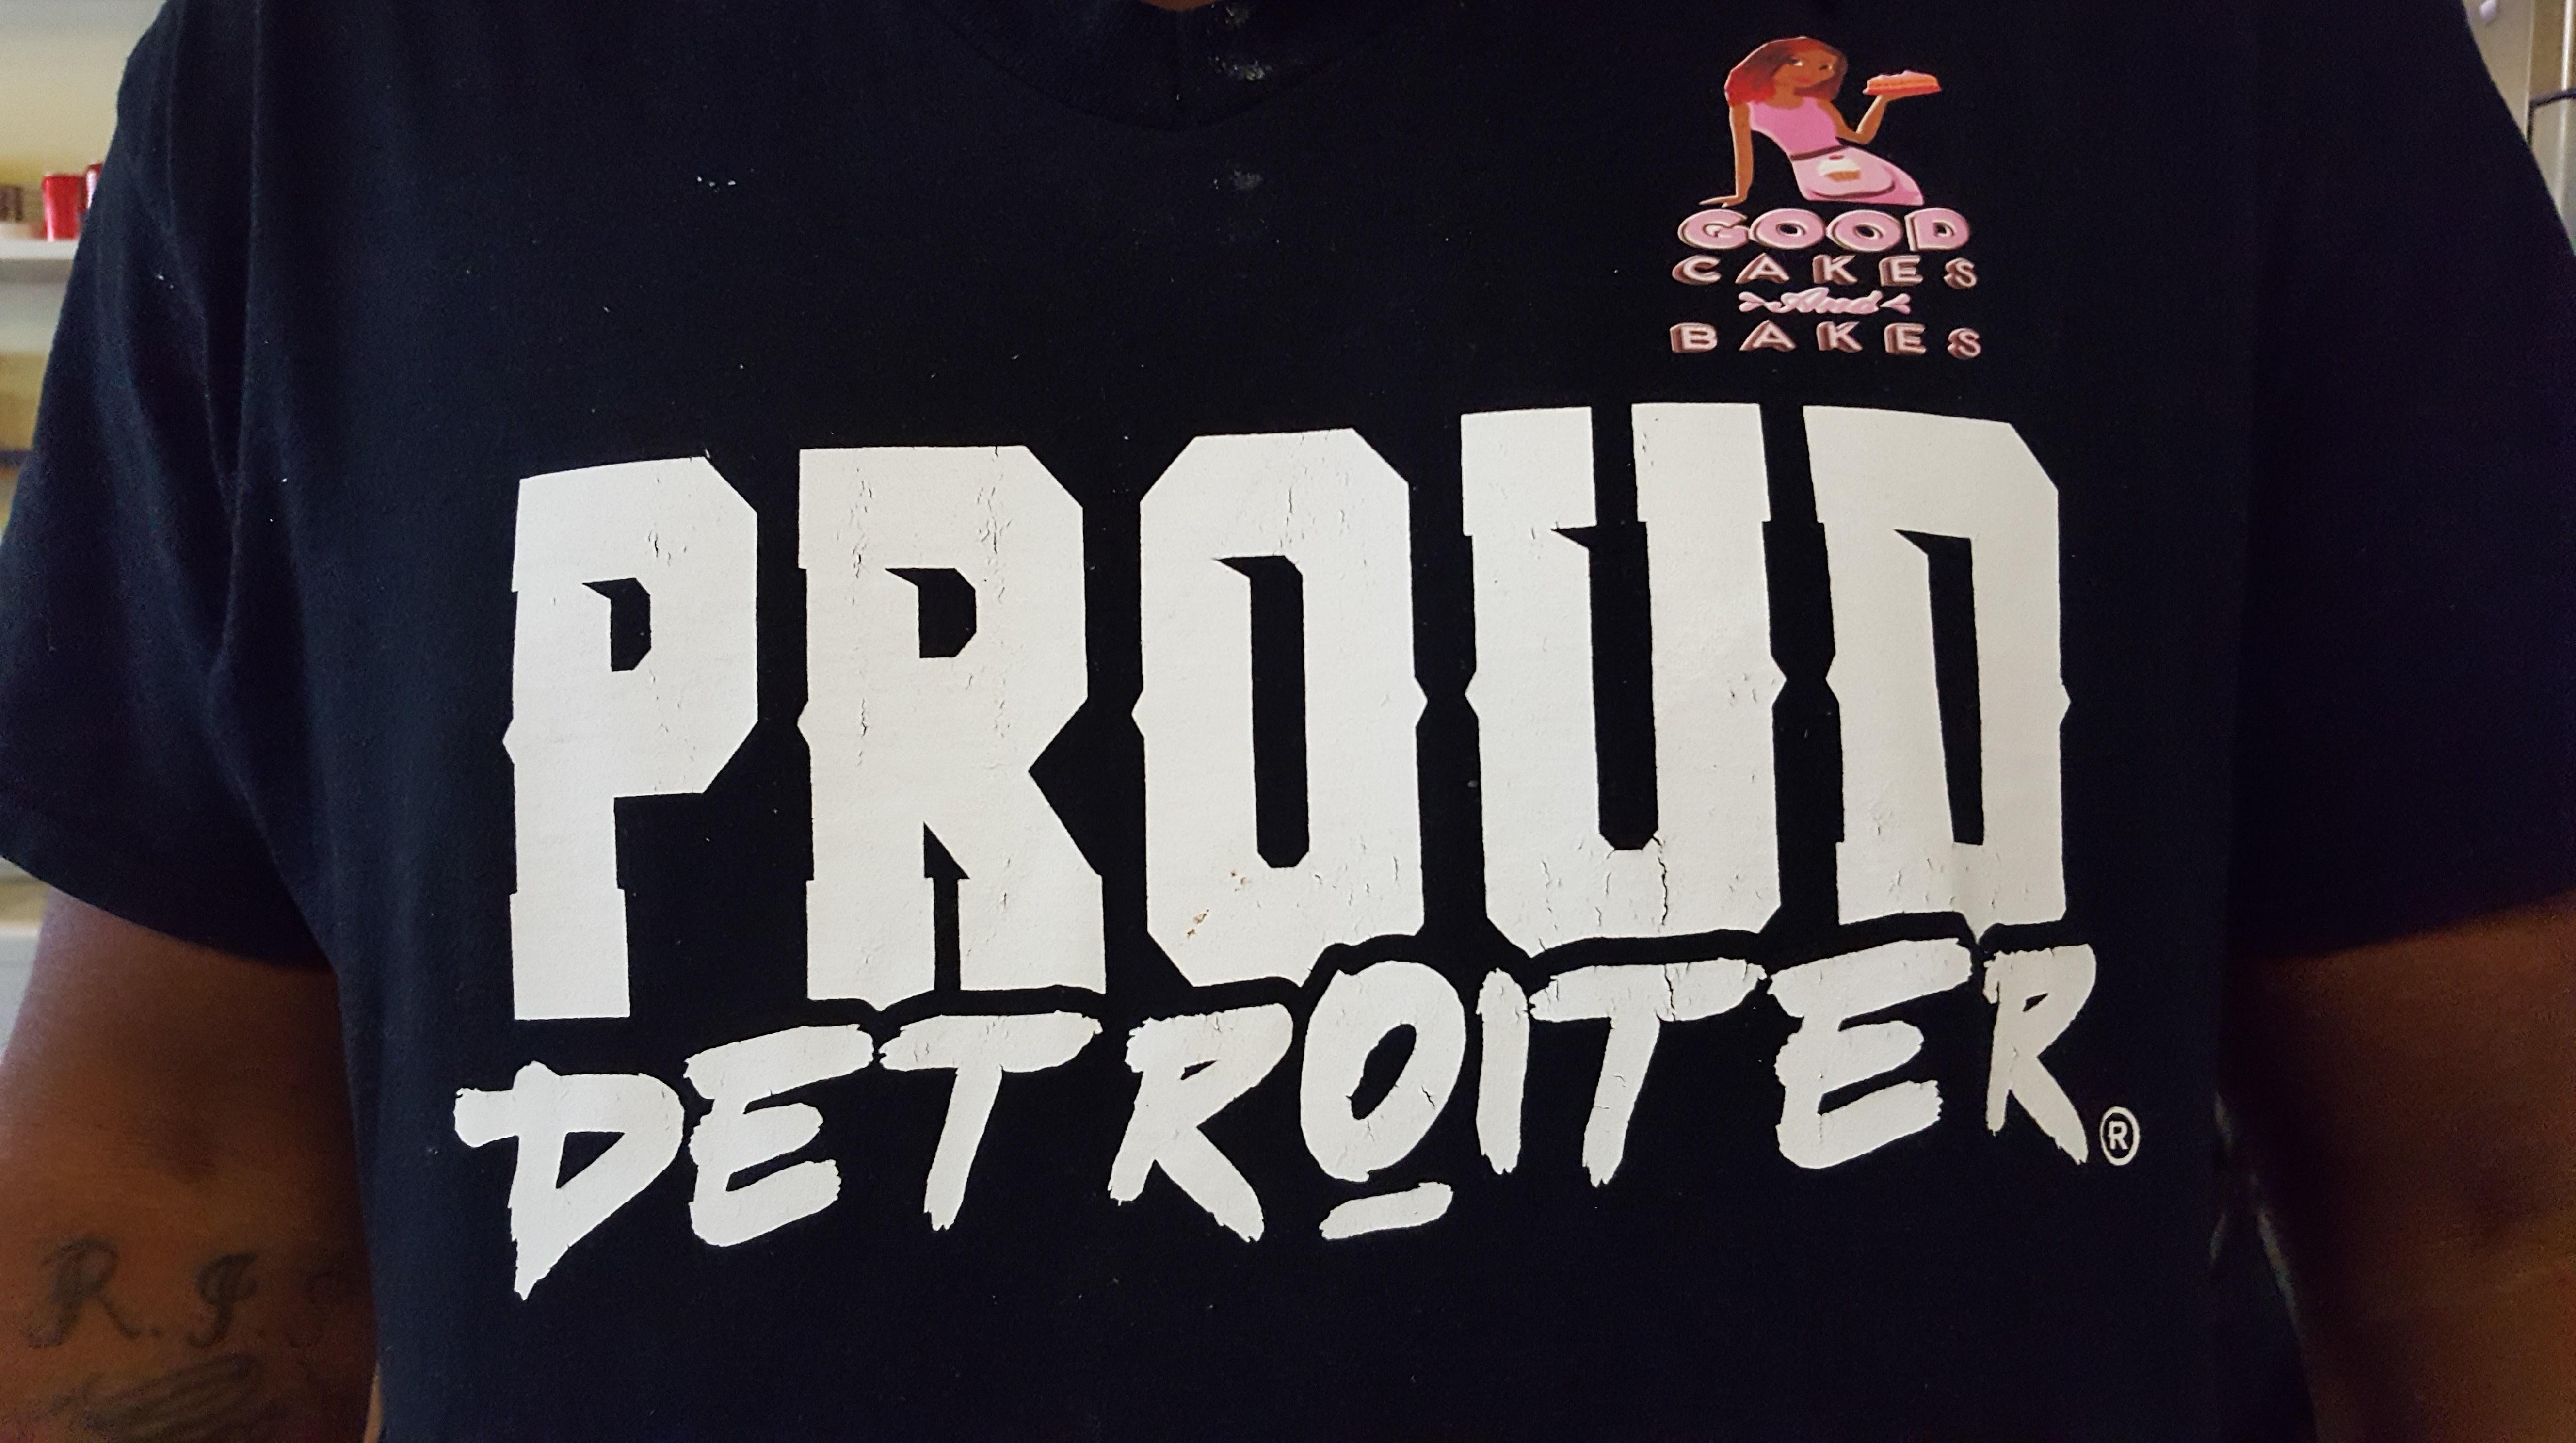 Proud Detroiter